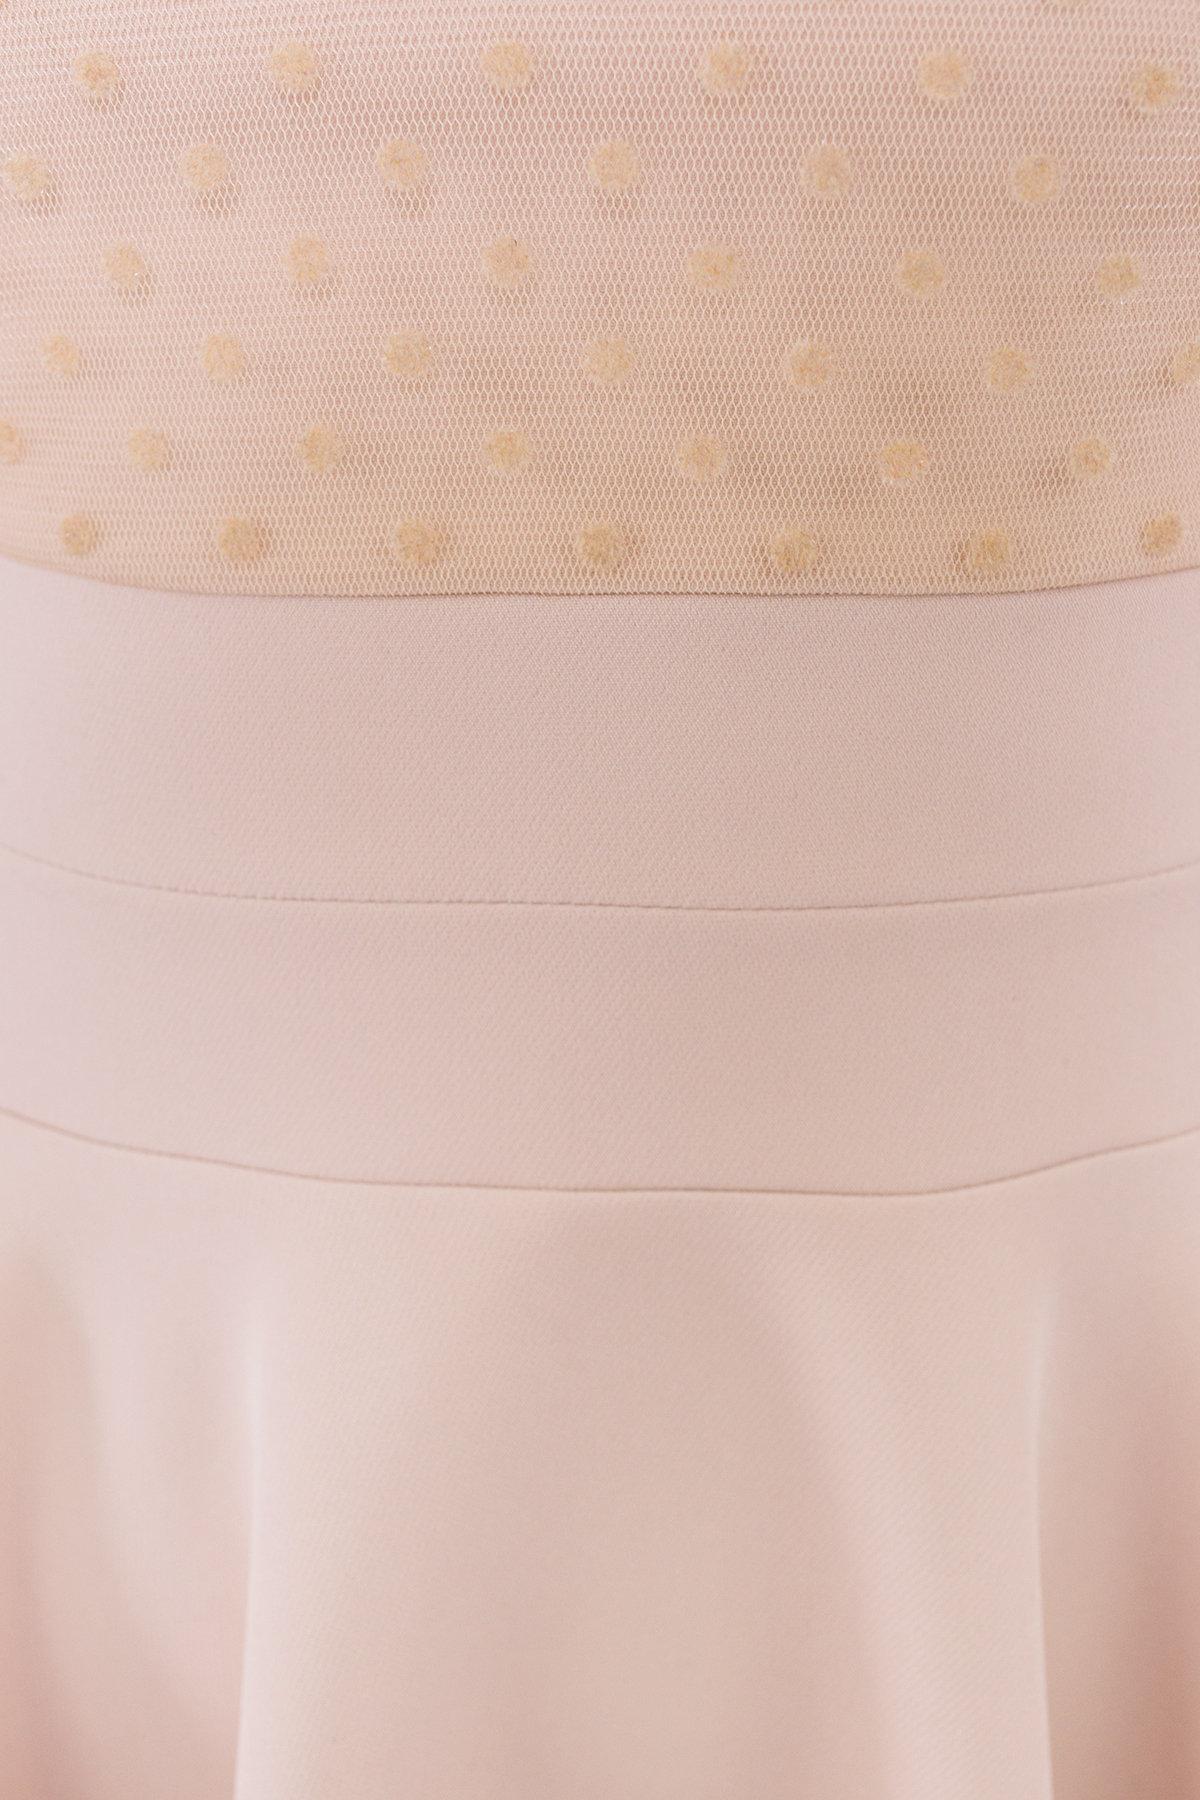 Платье с юбкой солнце Менди 6053 АРТ. 40654 Цвет: Бежевый - фото 4, интернет магазин tm-modus.ru